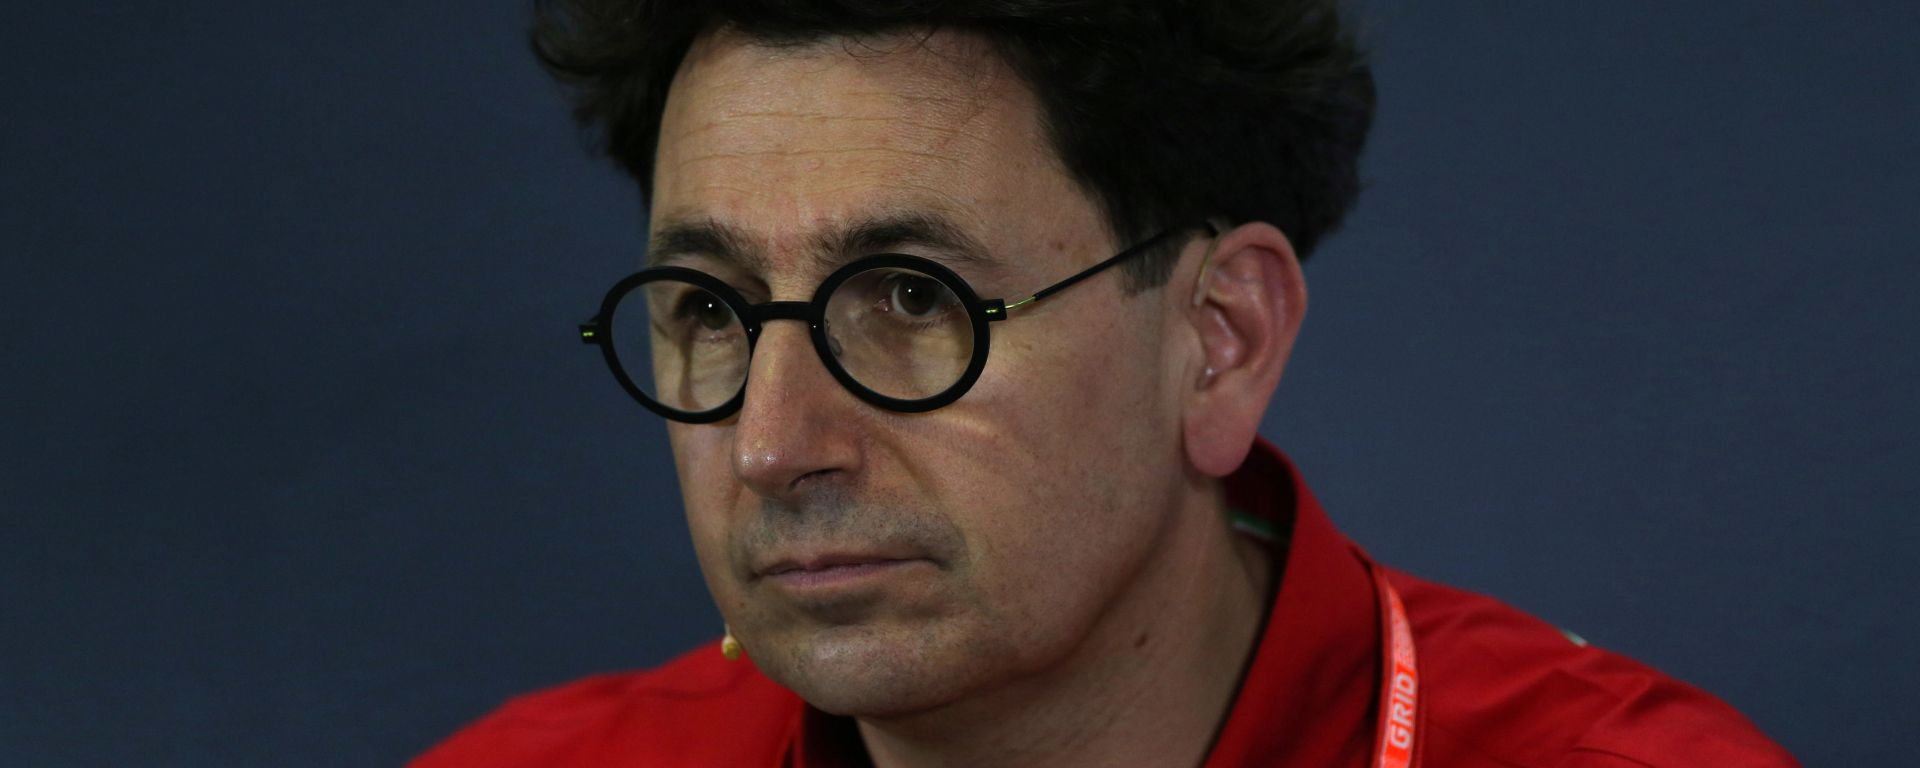 """Monaco, Binotto: """"I dati dicevano che avevamo ragione"""""""